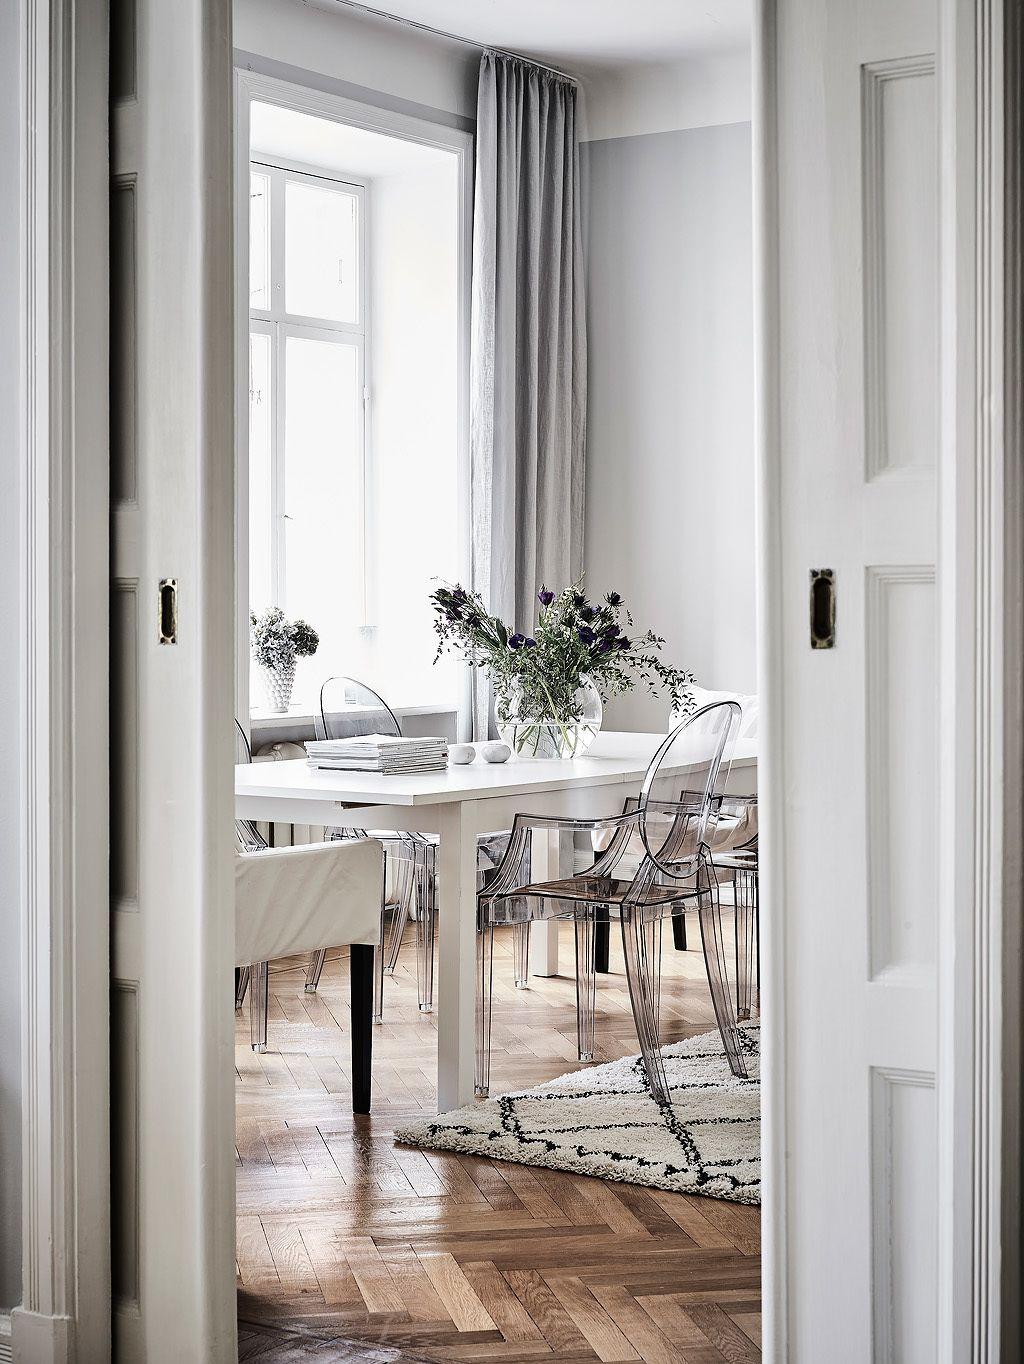 Tolles Esszimmer In Heller Altbauwohnung   Wir Lieben Die Philip Starck  Stühle